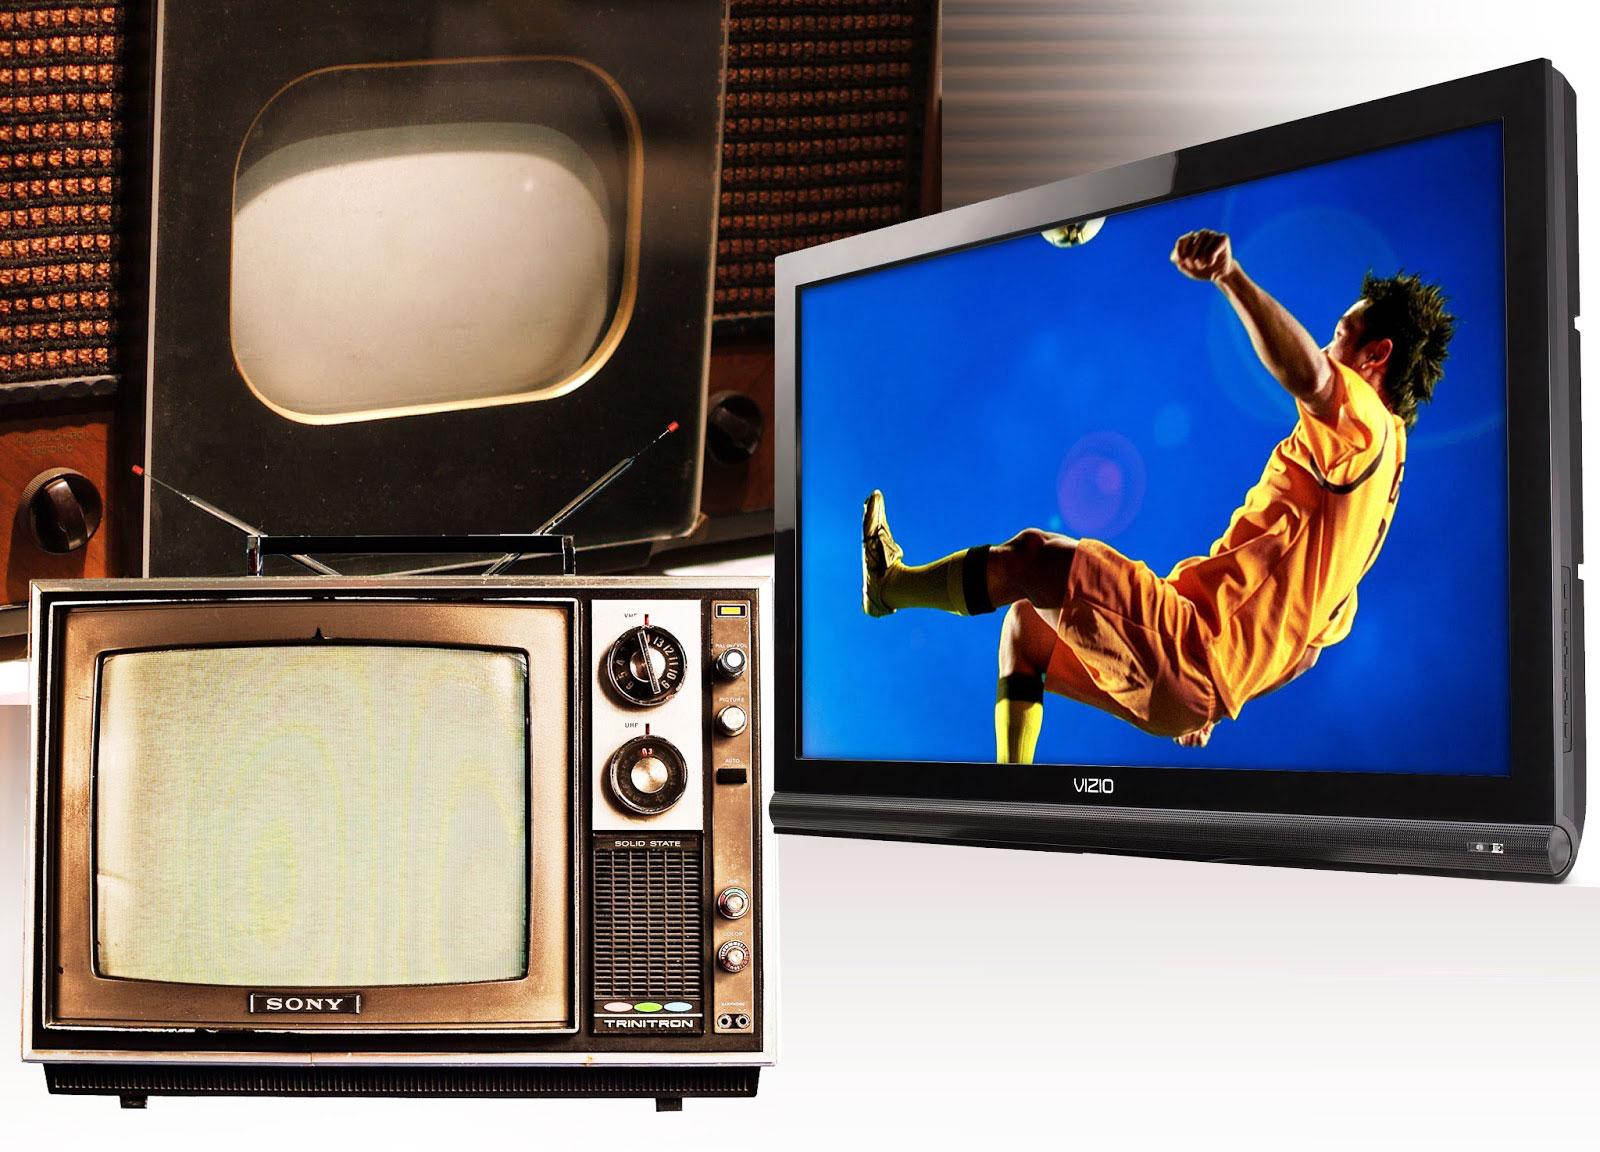 21 ноября. Всемирный день телевидения. Поздравляю вас!